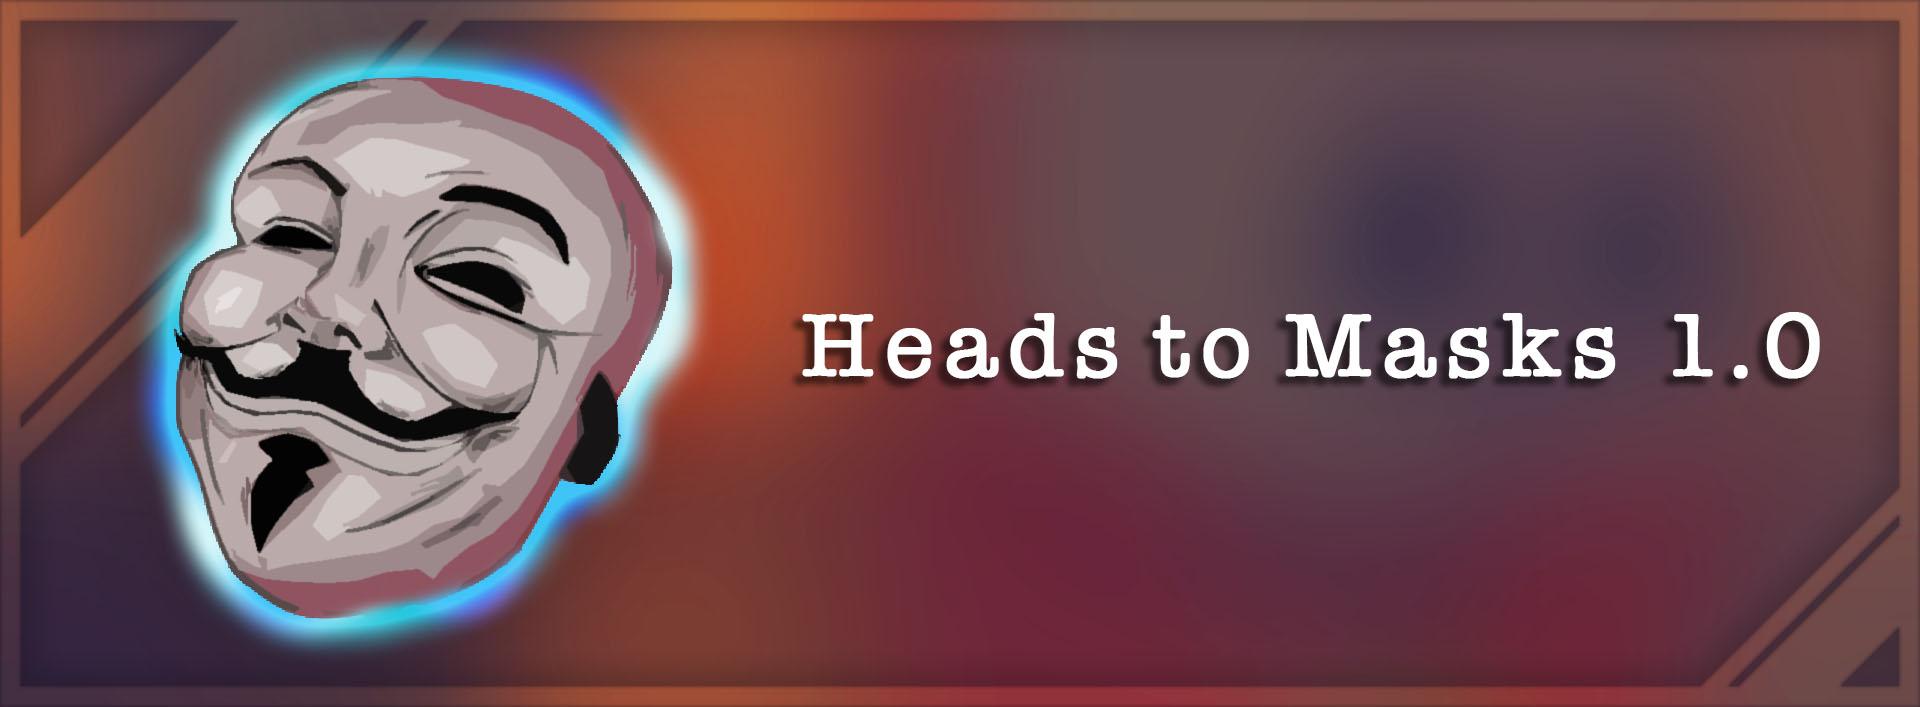 HTM Header 2.jpg